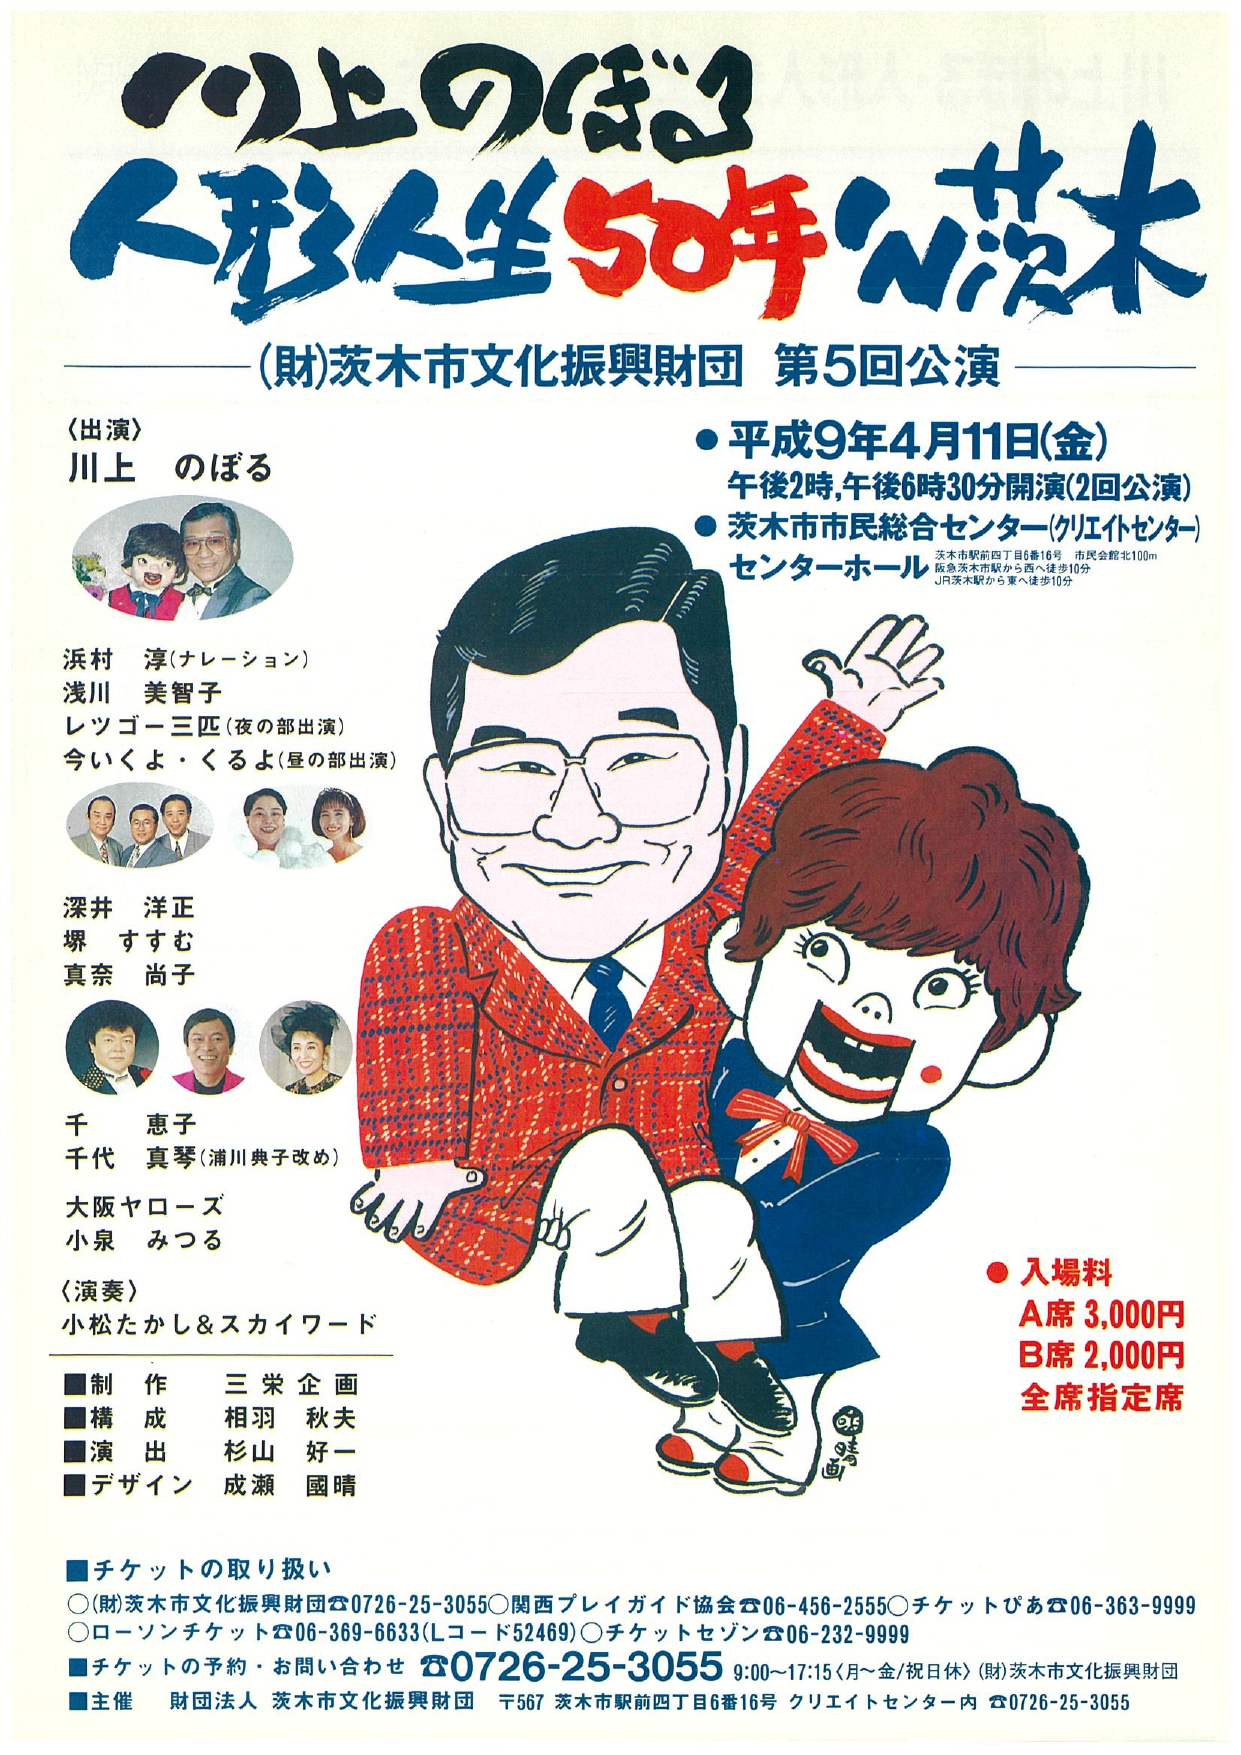 川上のぼる 人形人生50年in茨木 | 茨木市文化振興財団